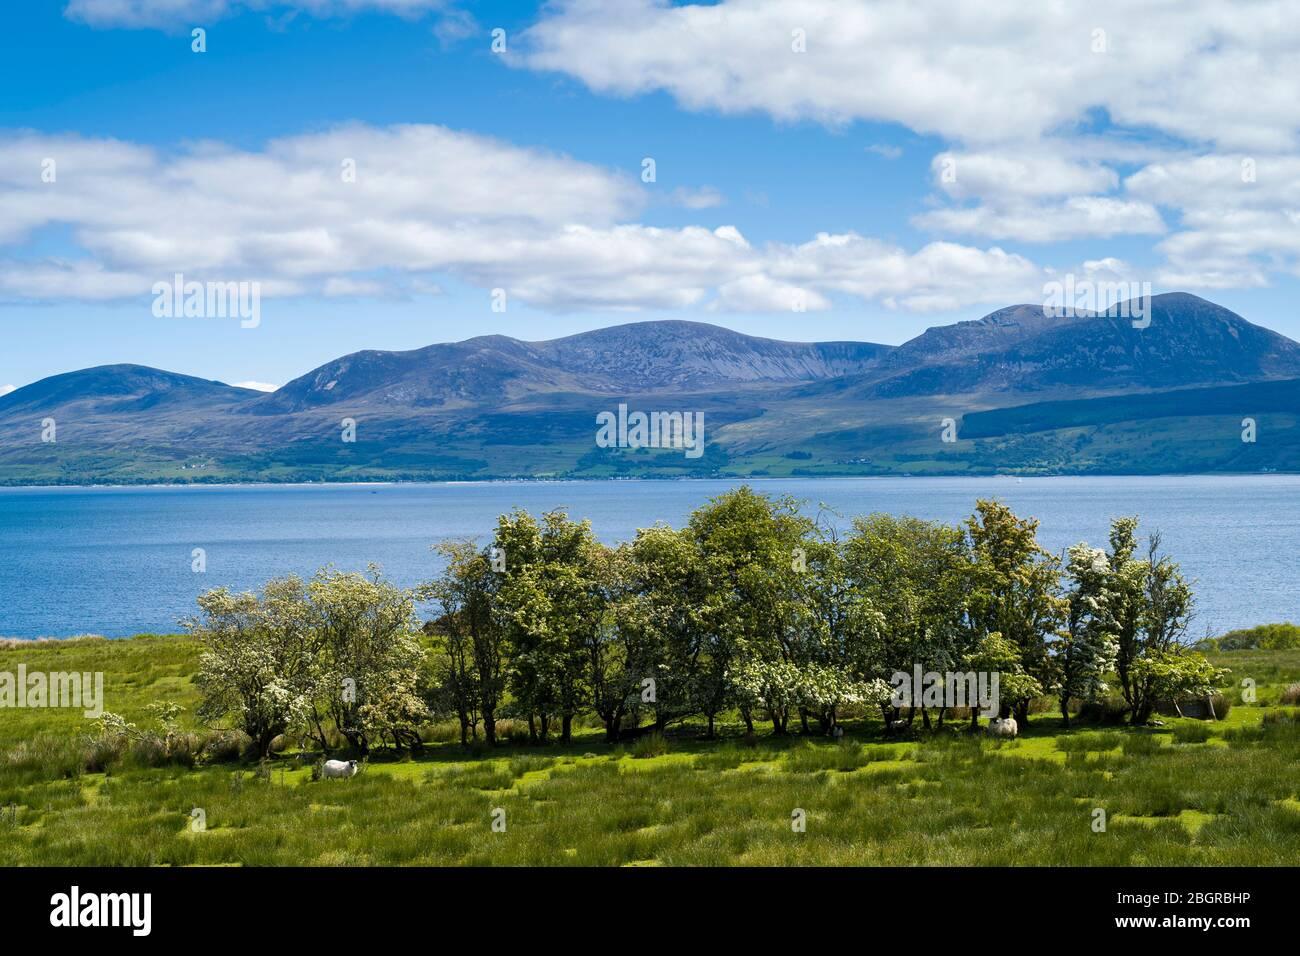 Mountains of Isle of Arran from Kintyre, Argyll coast, Scotland Stock Photo